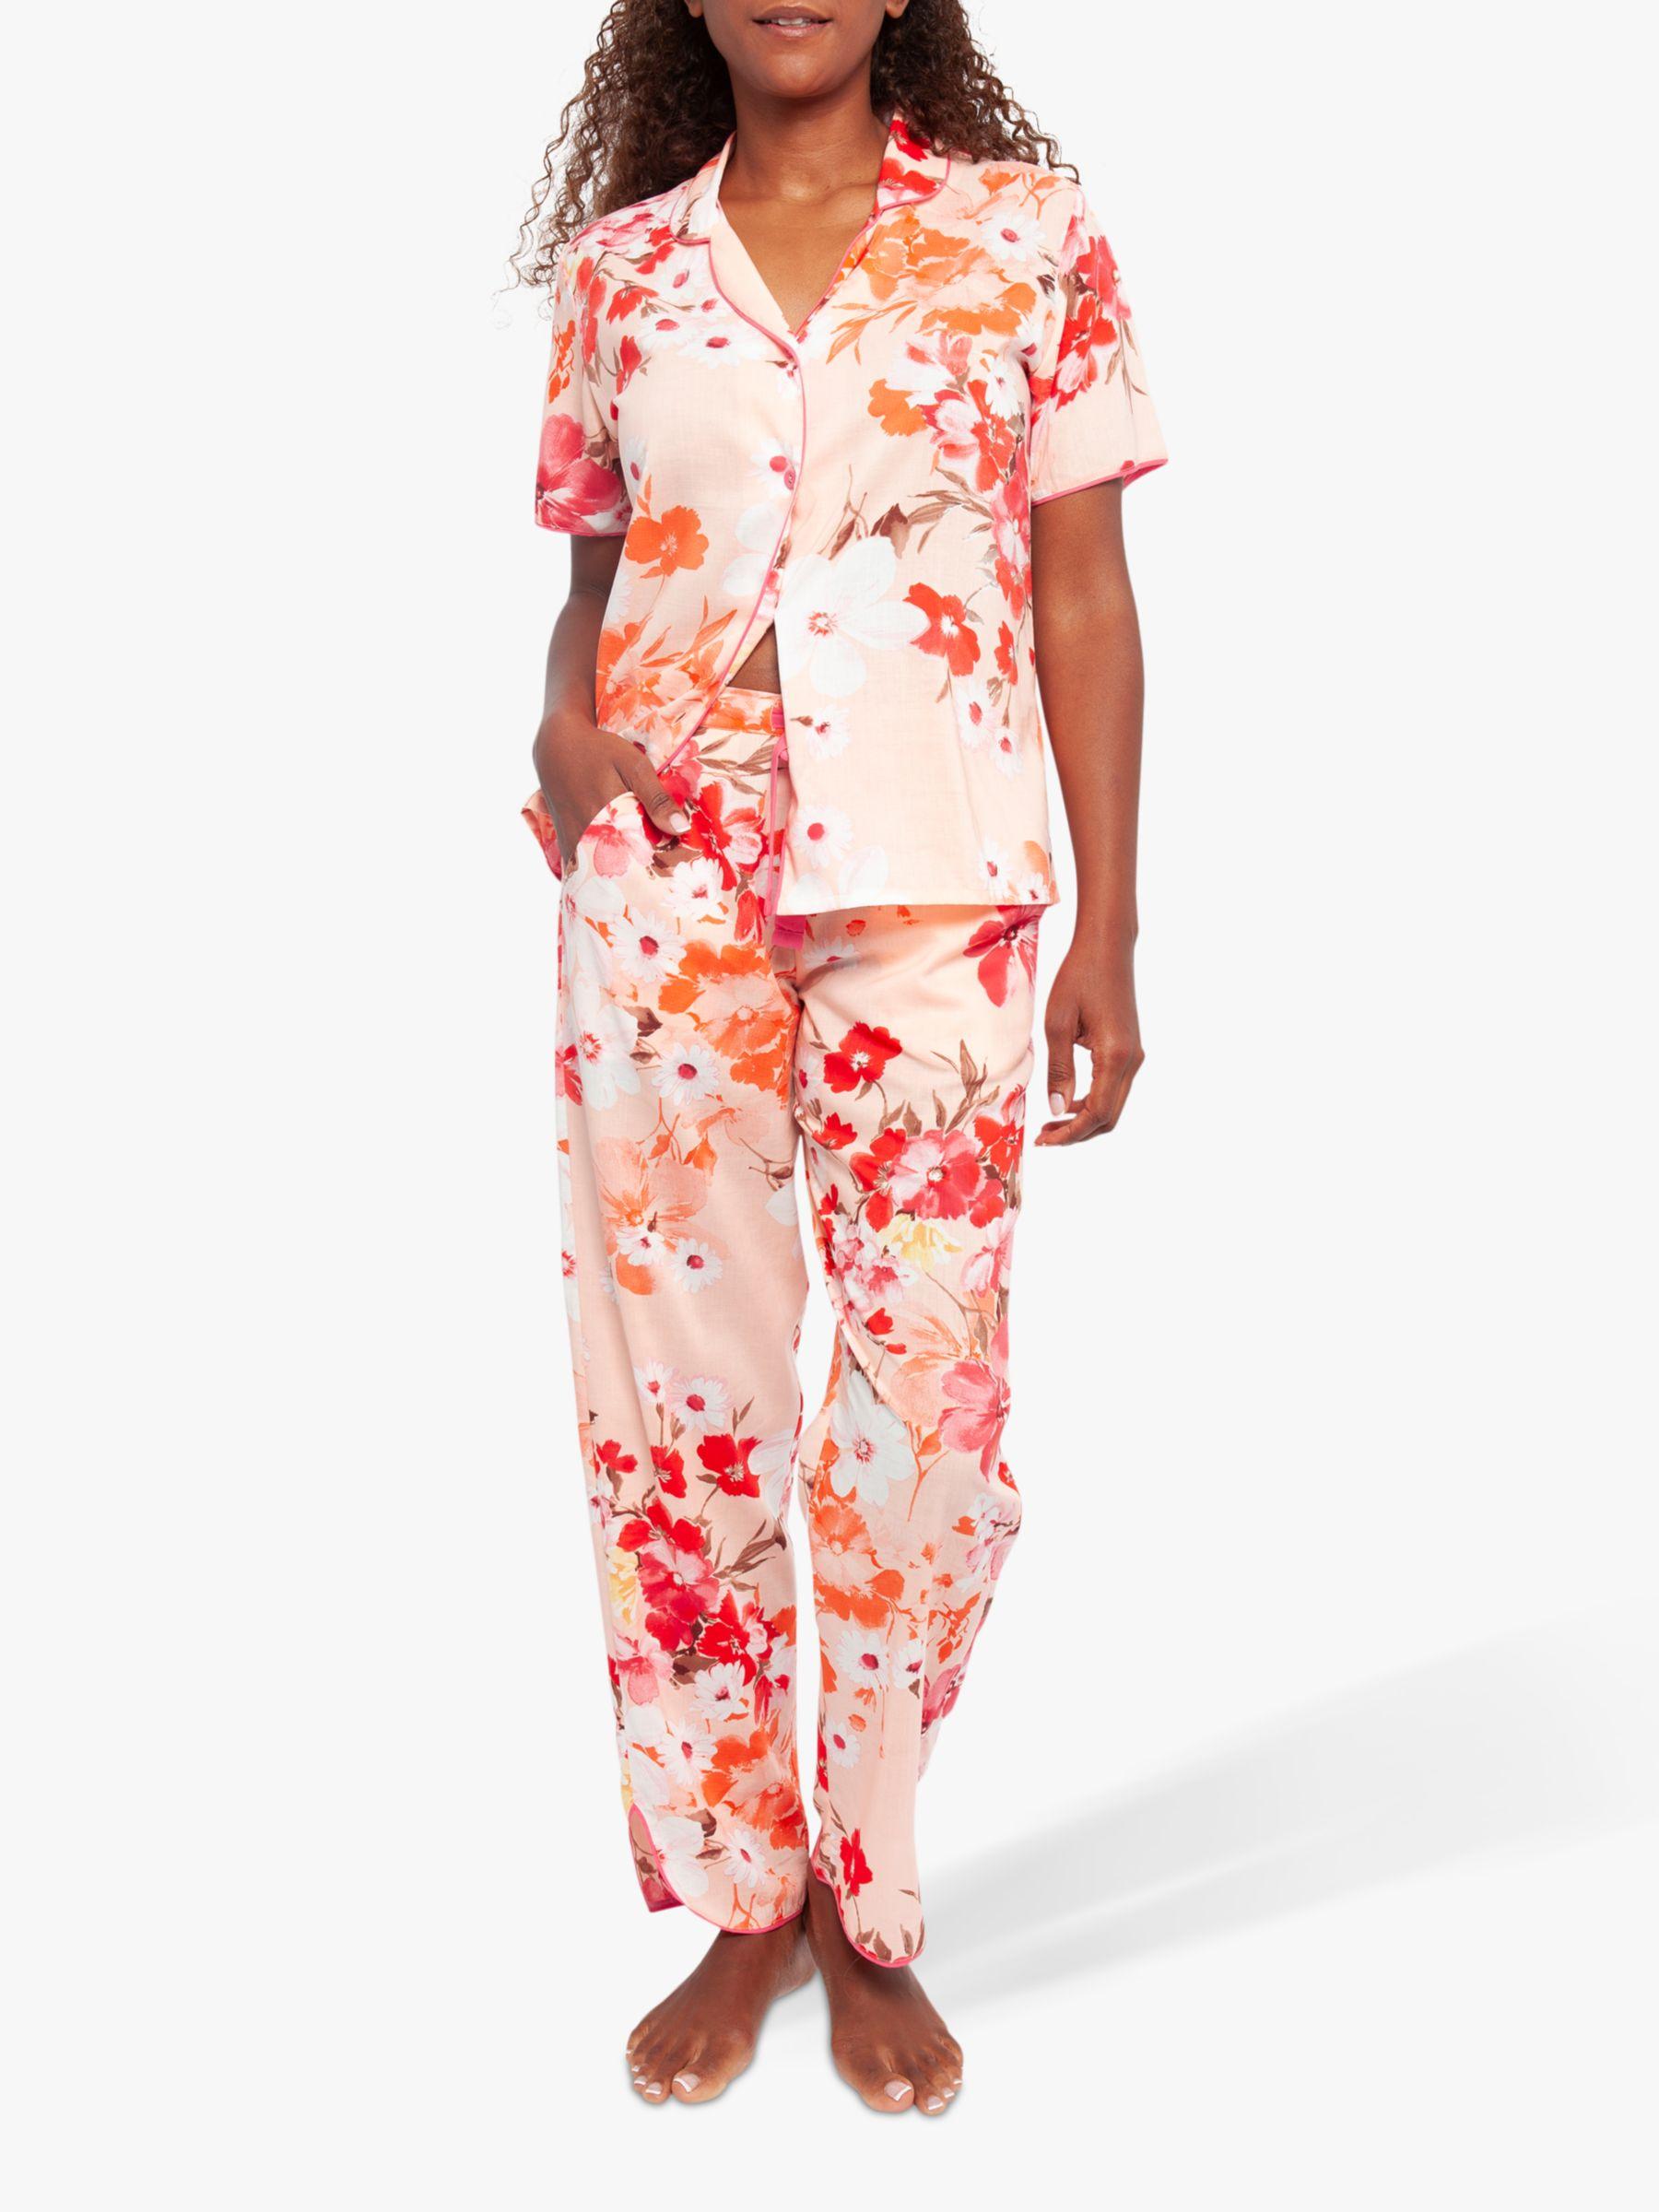 Cyberjammies Cyberjammies Darcie Botanical Print Pyjama Set, Pink/Coral